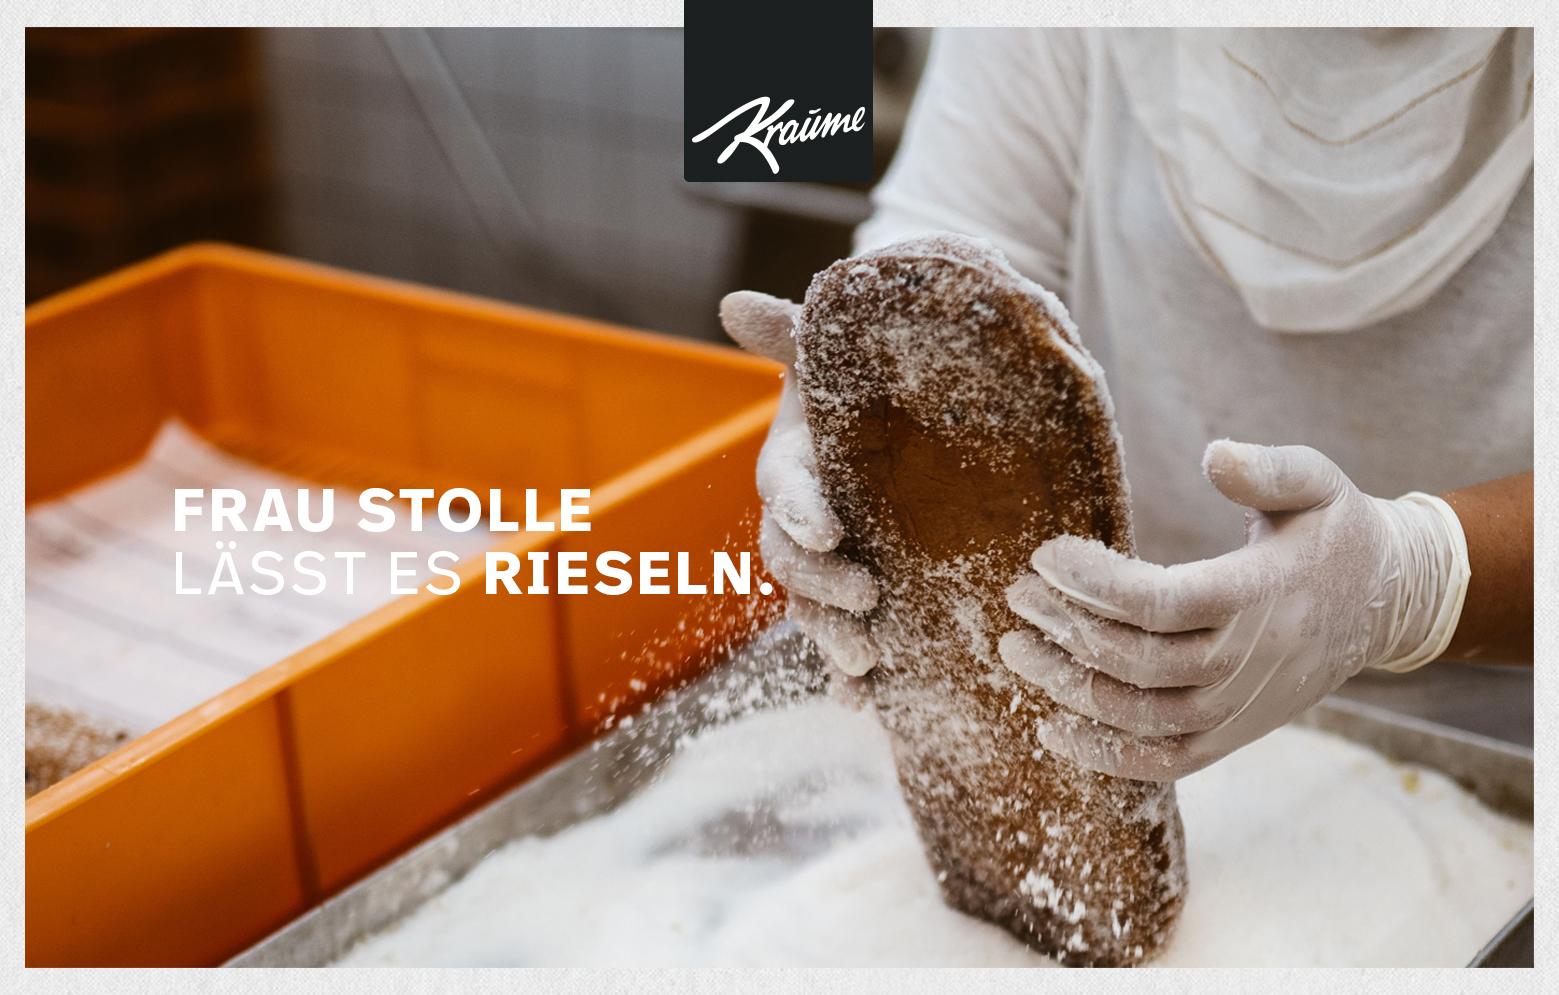 KRAUME Stollen wird mit zucker gepudert